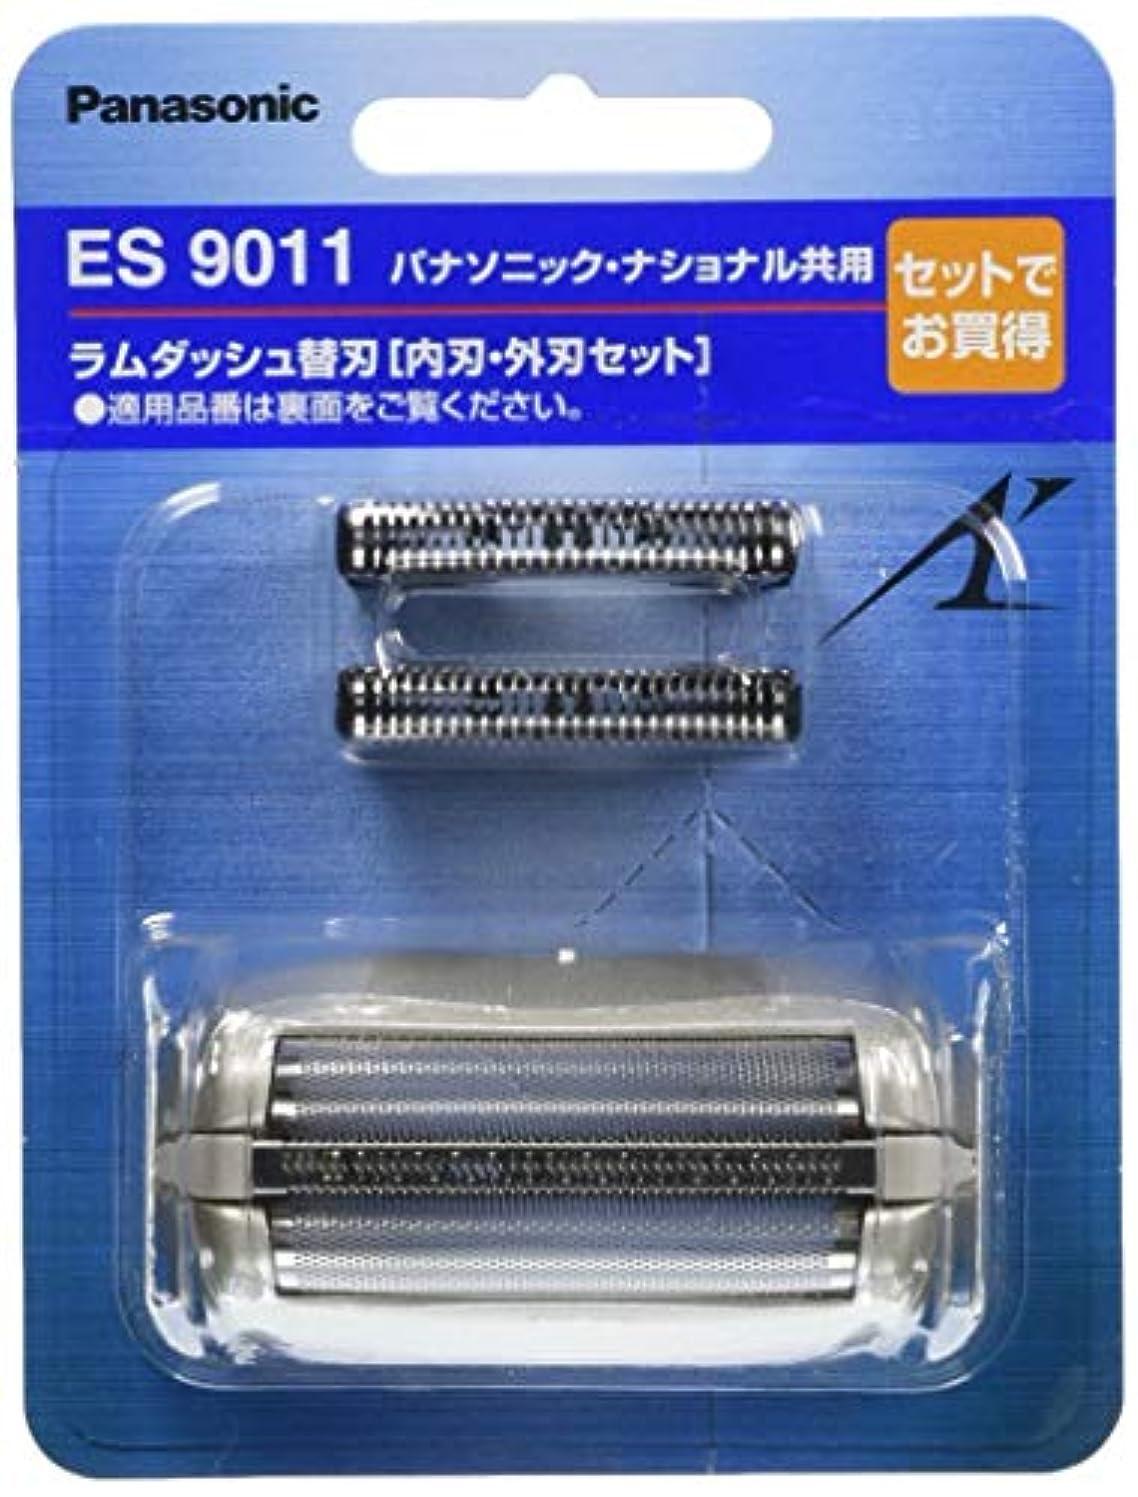 ホストジョージハンブリーゆでるパナソニック 替刃 メンズシェーバー用 セット刃 ES9011